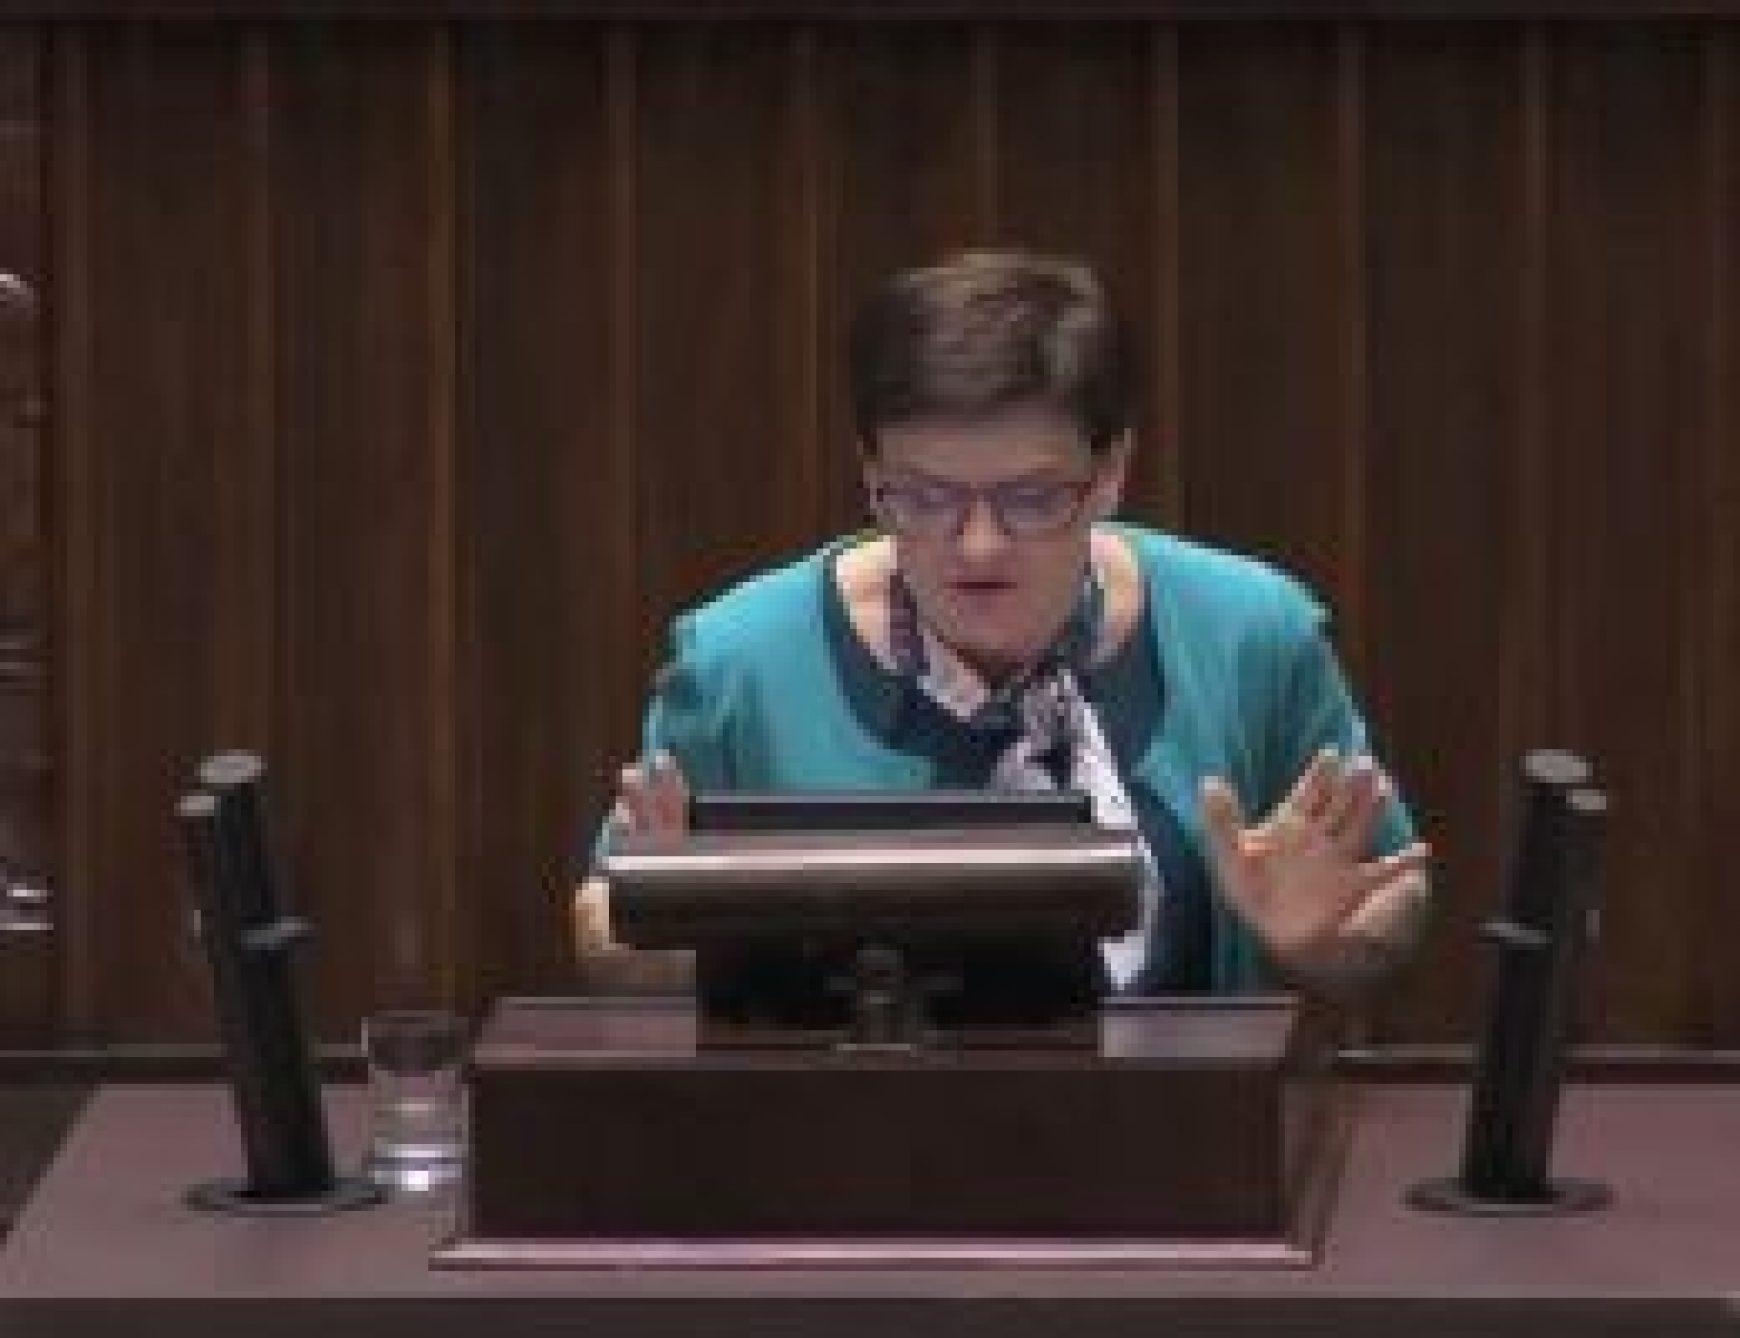 Wystąpienie z 25 stycznia 2018 roku podczas debaty o propagowaniu totalitarnych ustrojów